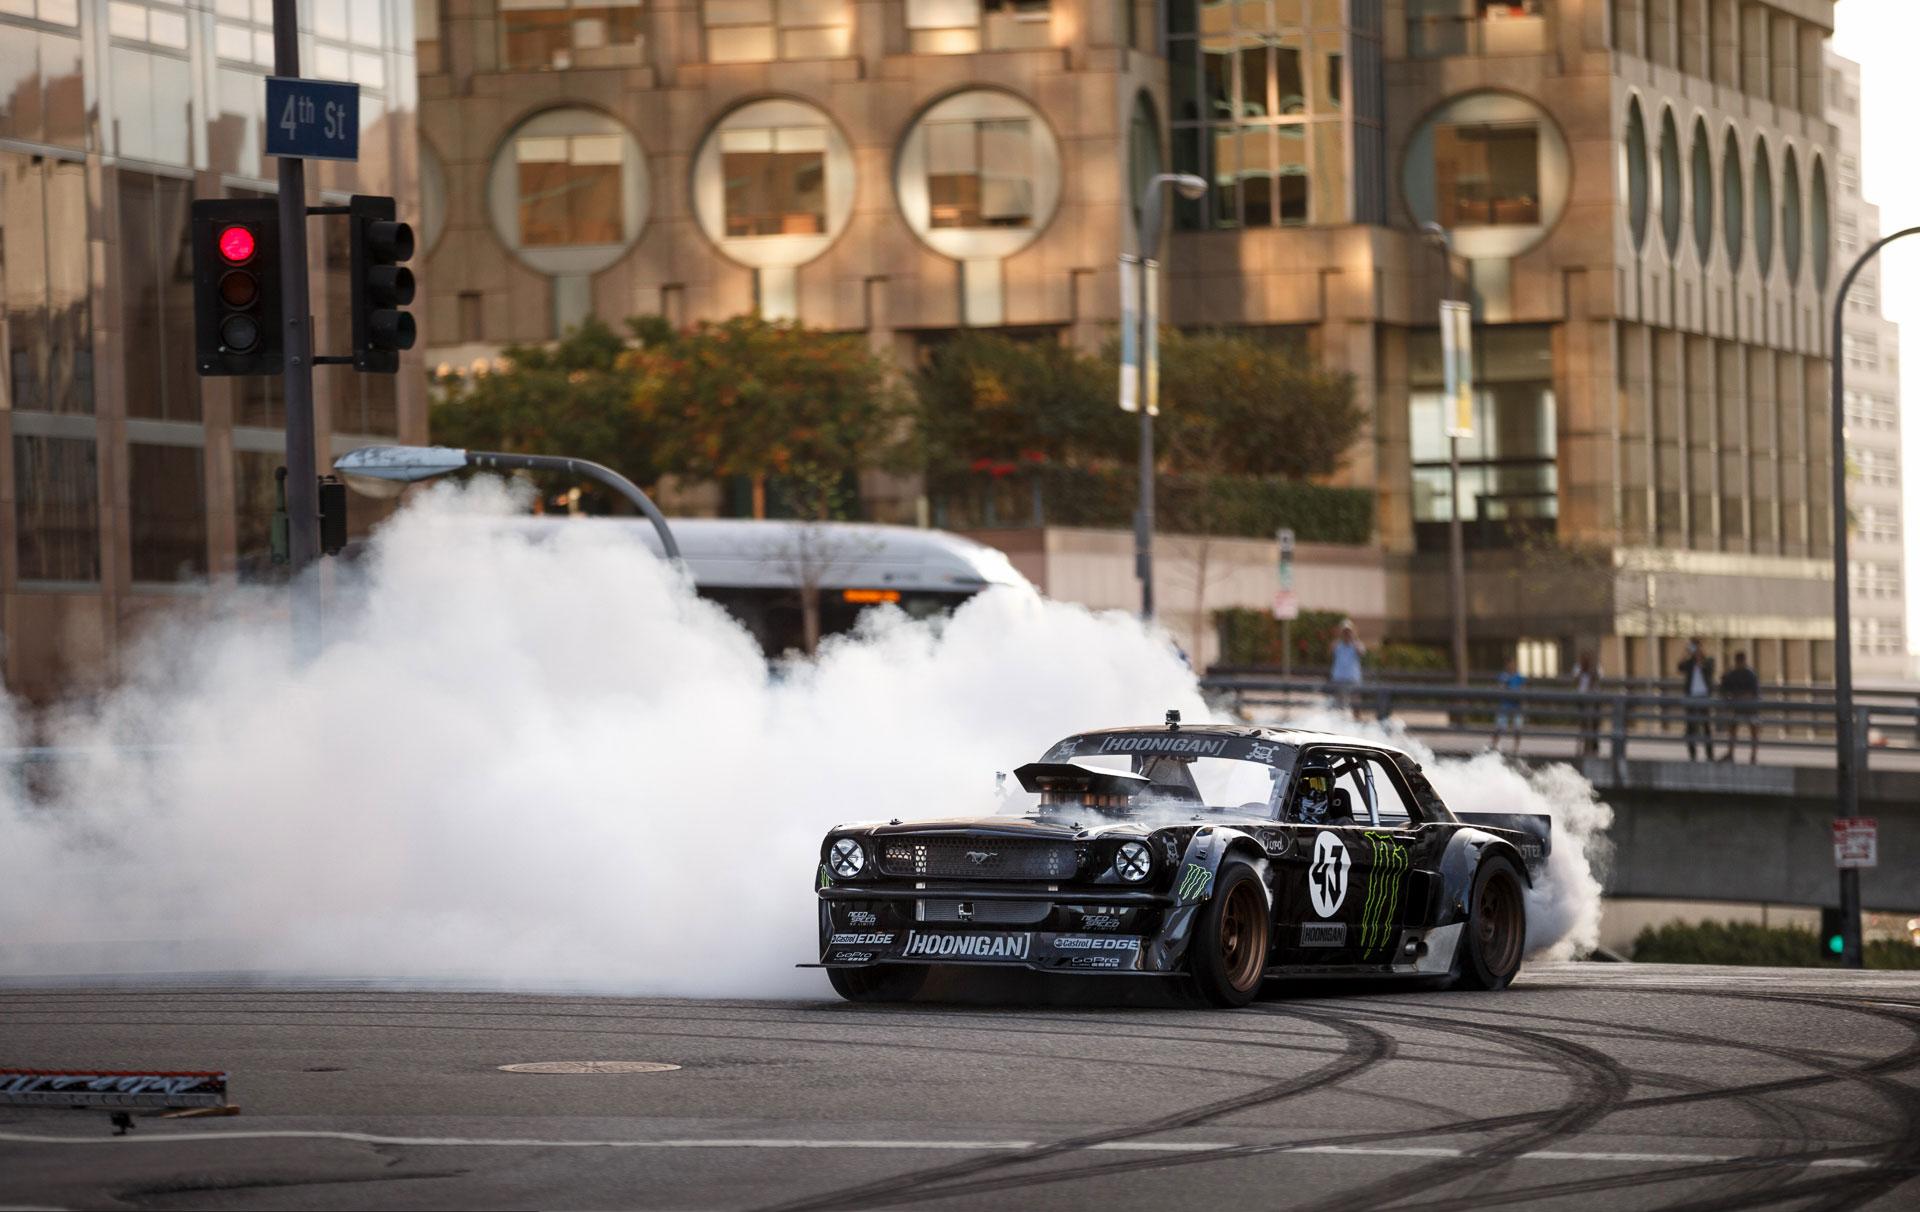 Gymkhana 7 Car Wallpaper Ken Block Tears Up La In 845 Hp Mustang Speedvegas